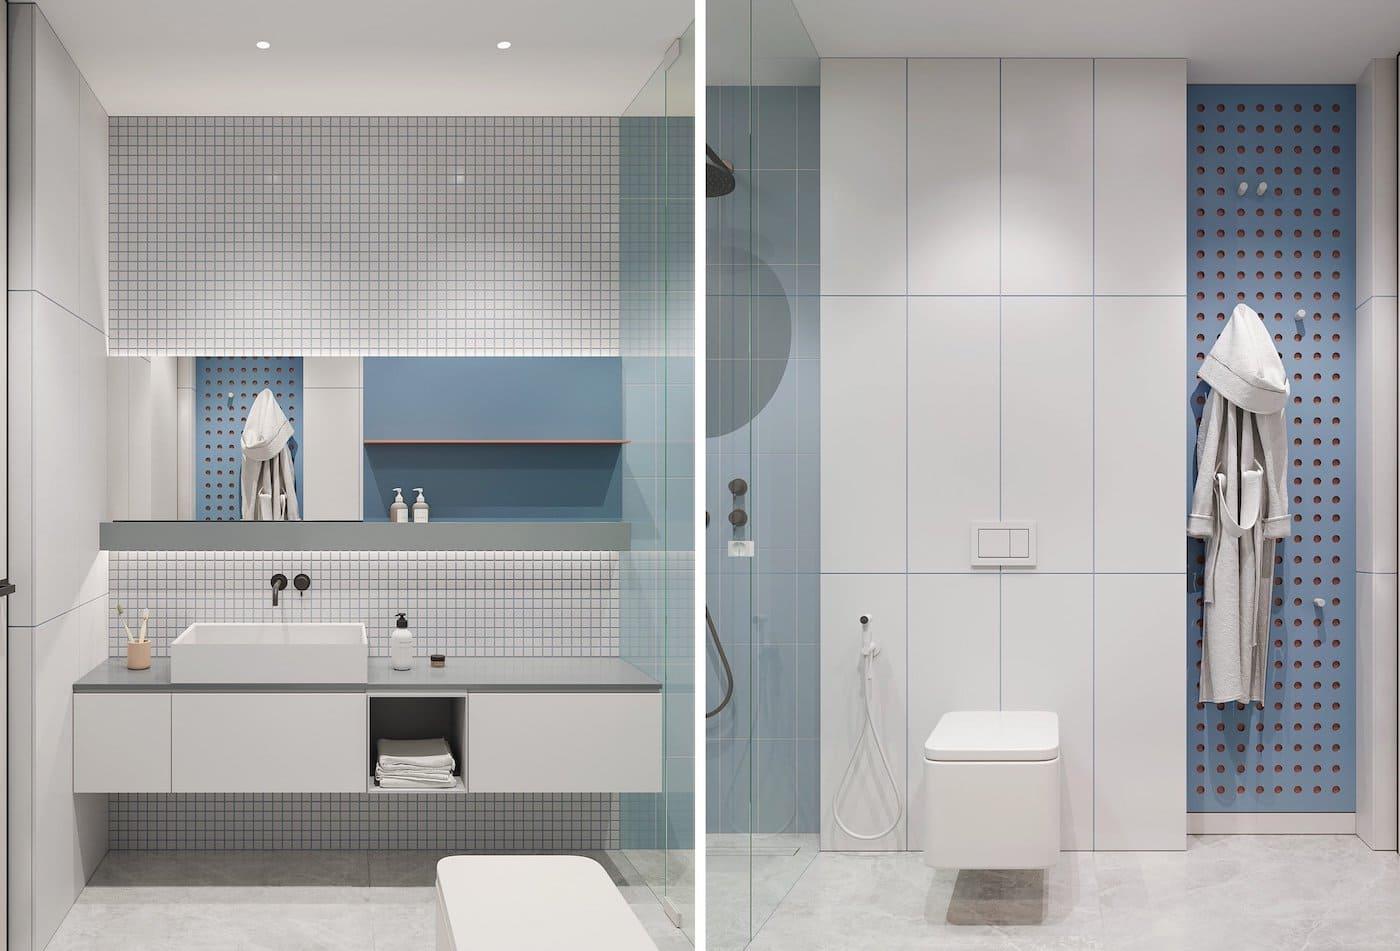 дизайн интерьера ванной комнаты фото 39